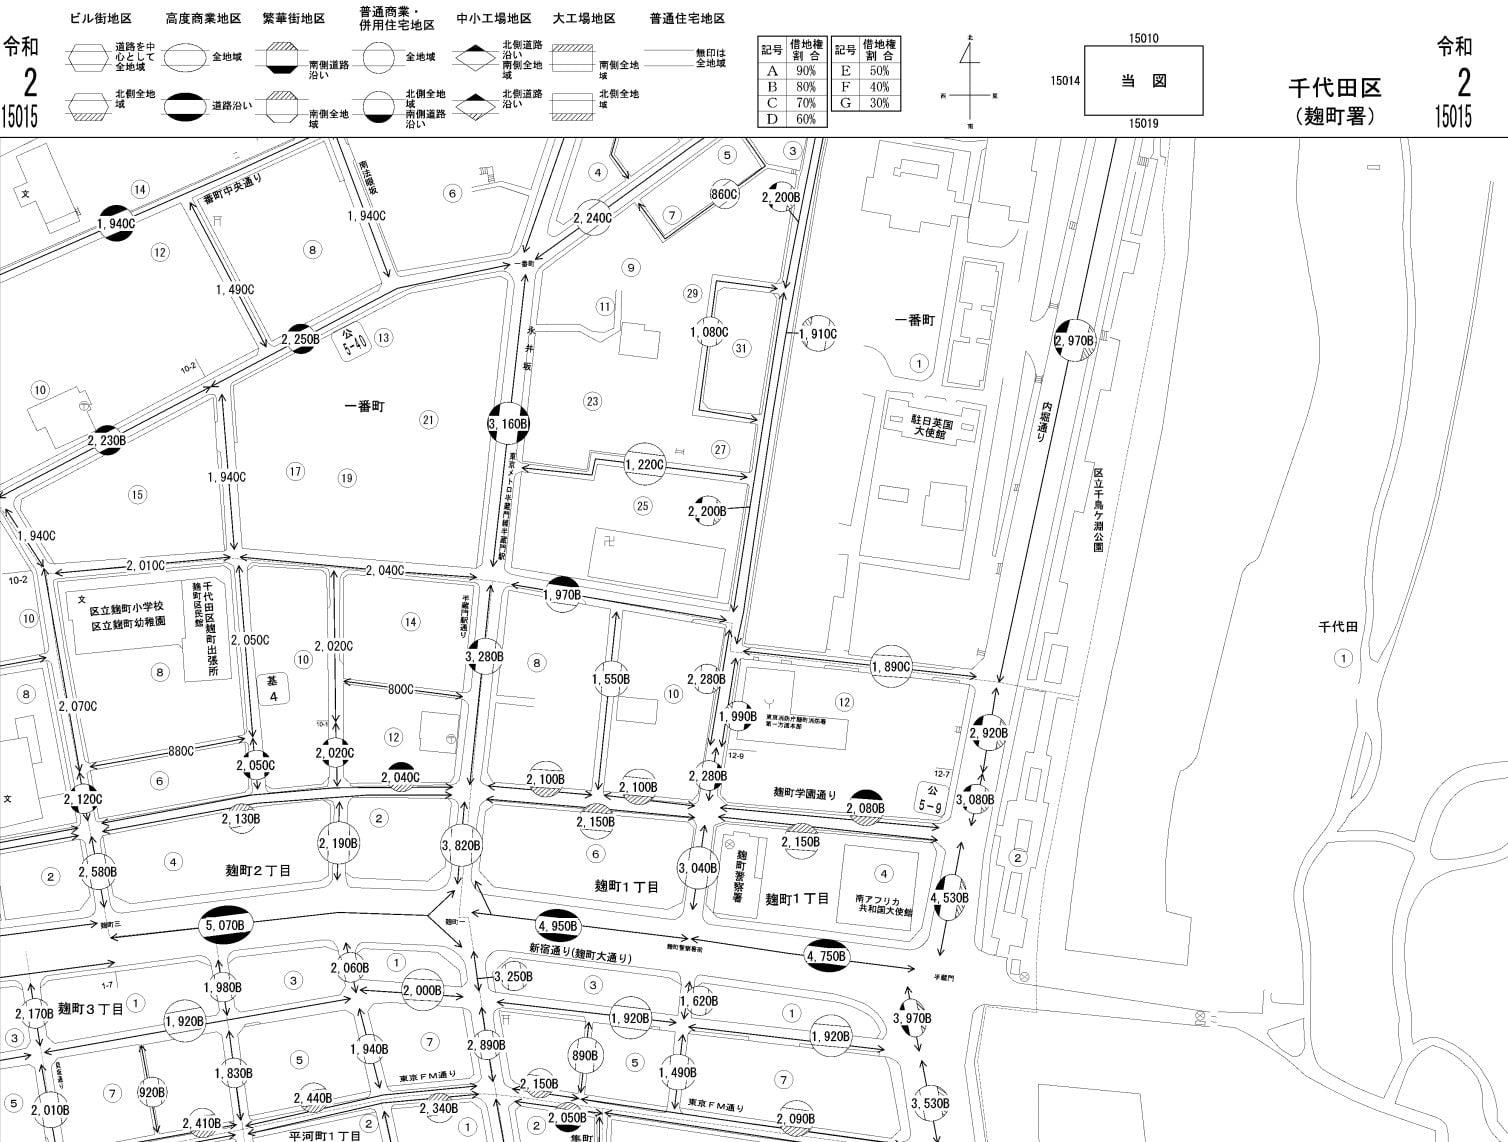 東京都千代田区の路線価図